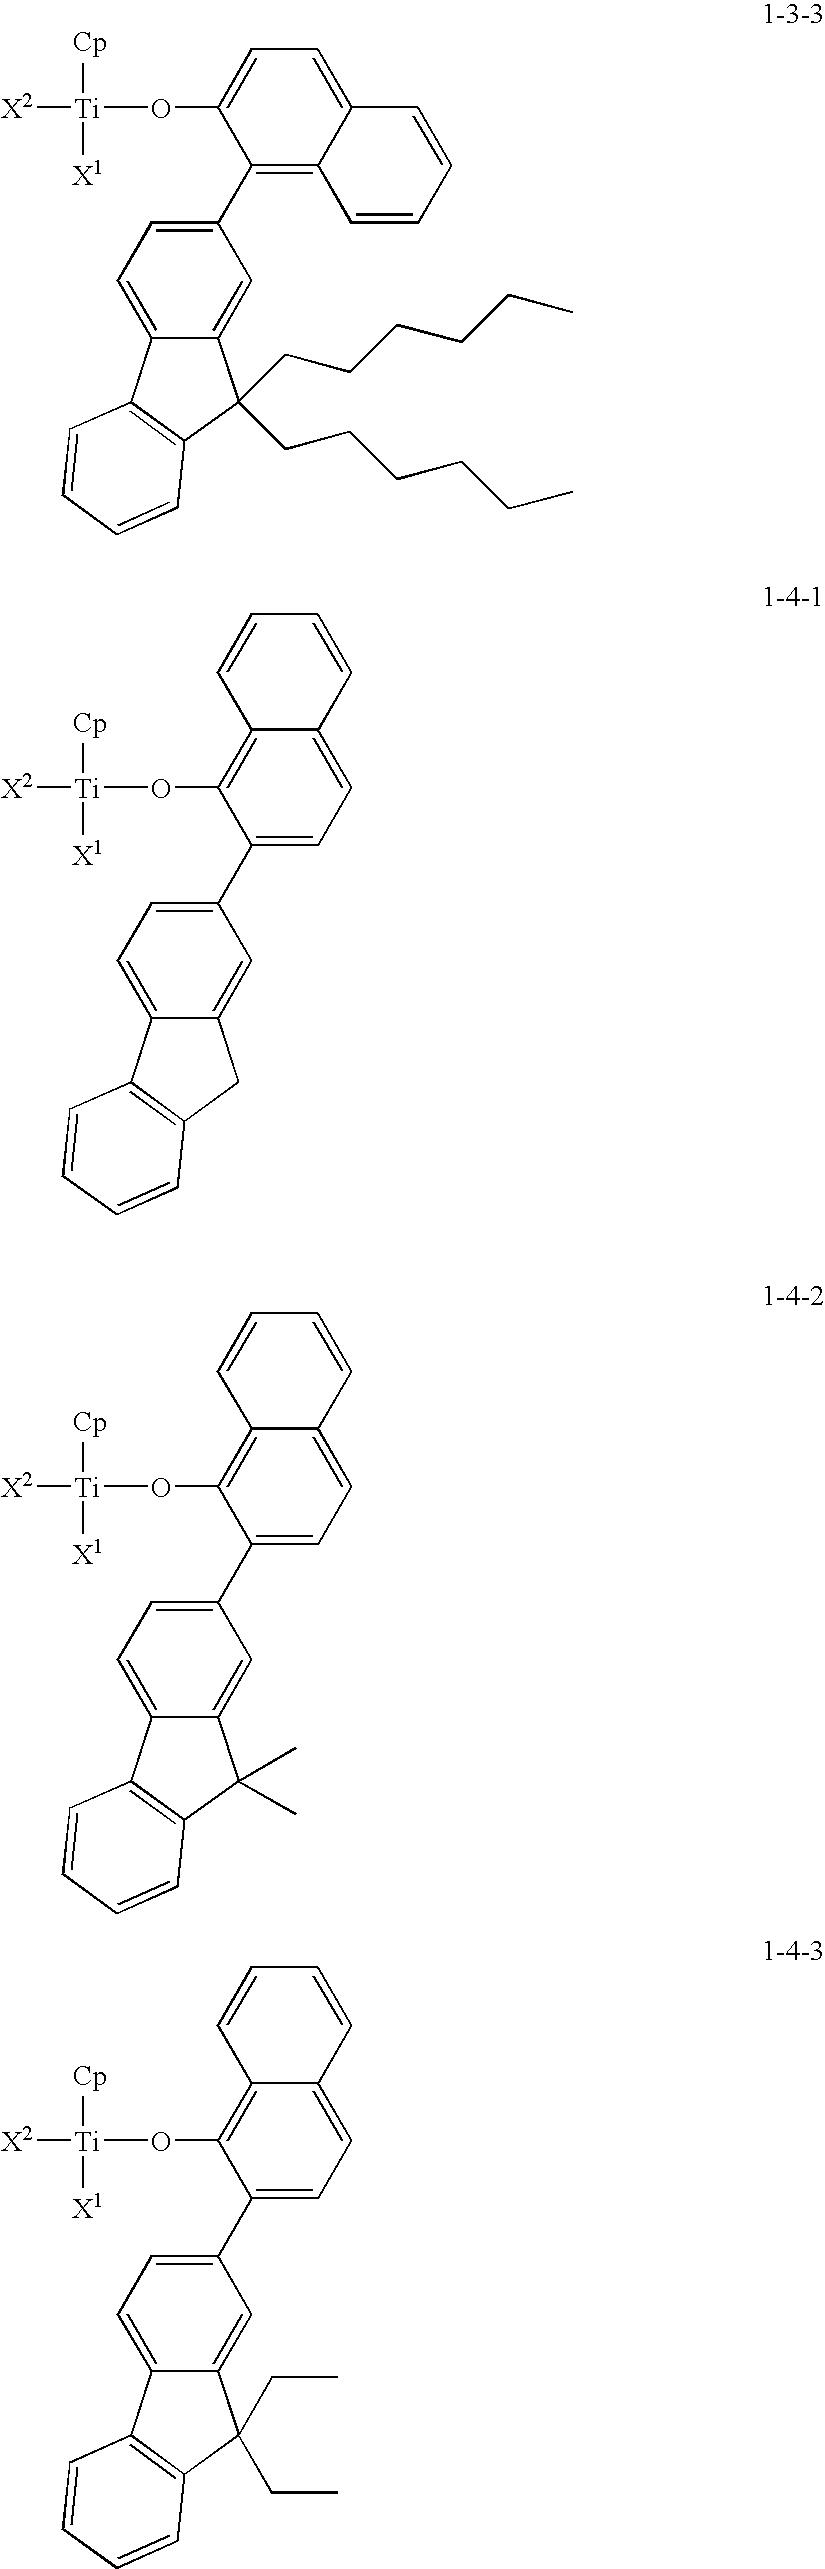 Figure US20100081776A1-20100401-C00041